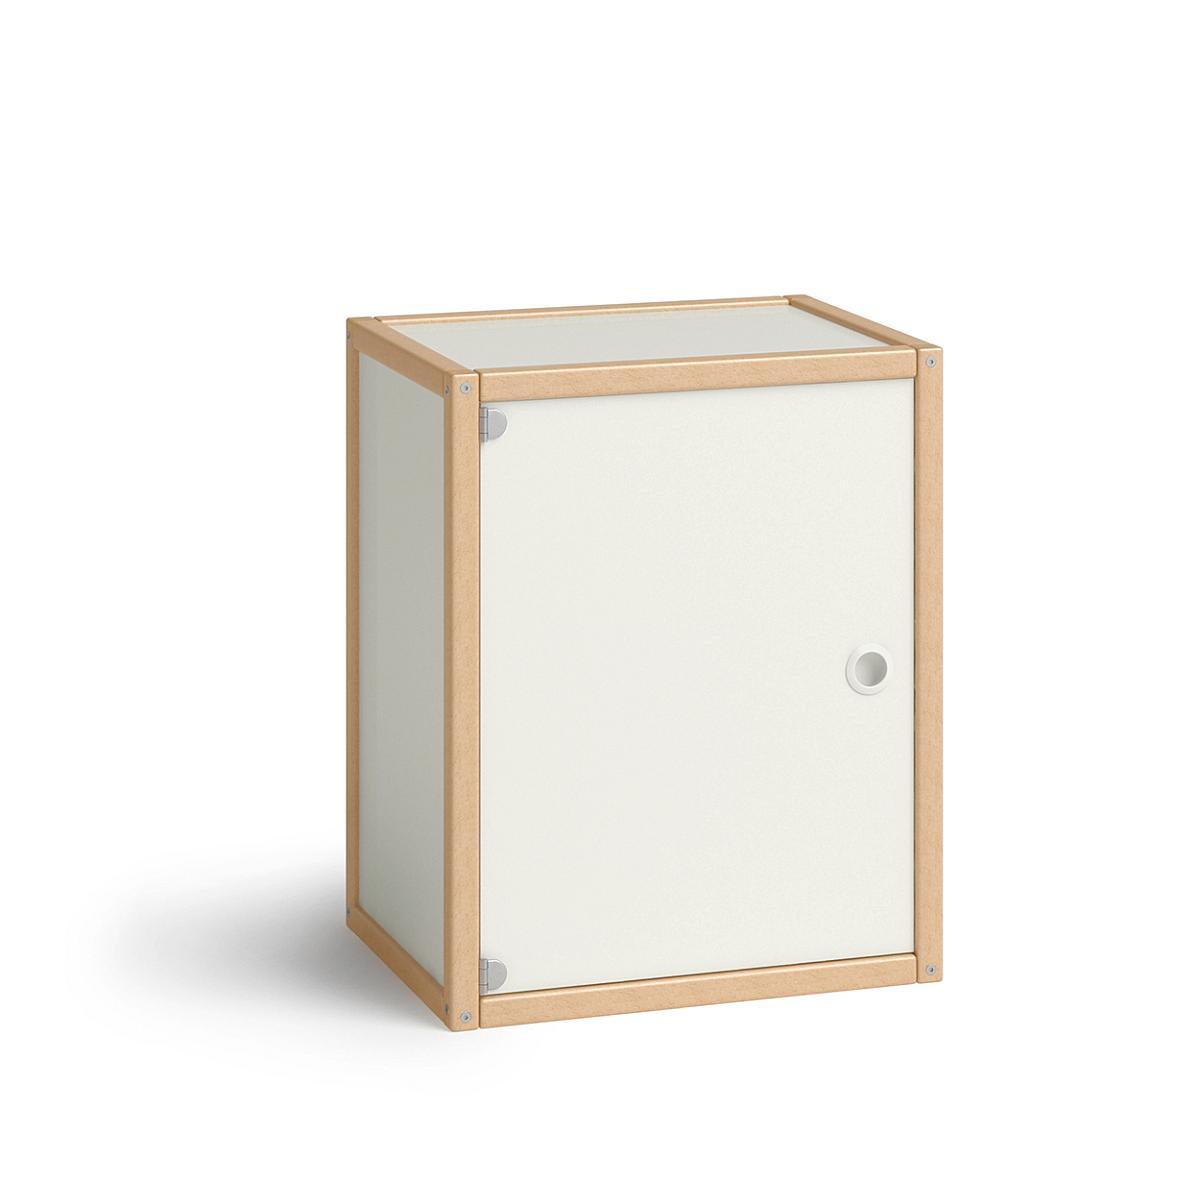 PROFILSYSTEM Container mit 1 Tür, 8422.3.05, Buche natur / weiß